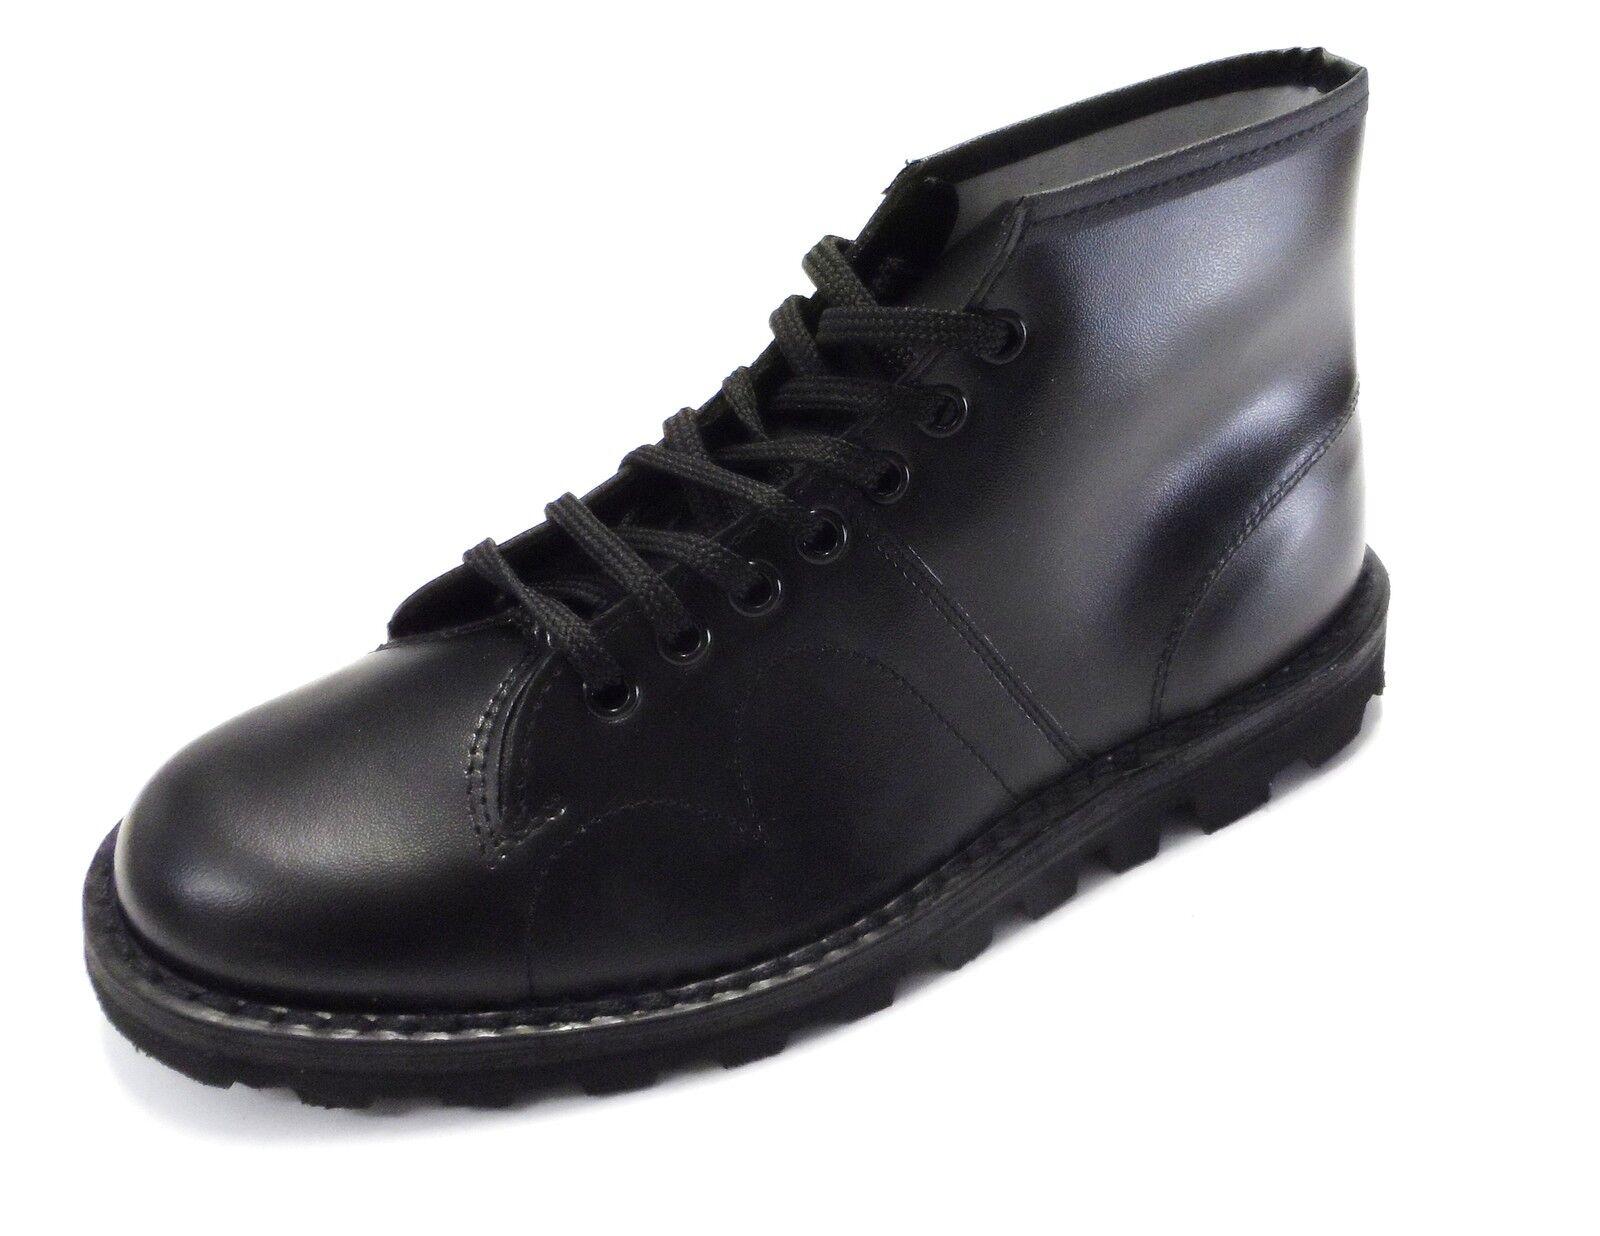 Original 1970's Jahre Style Schwarzes Schwarzes Schwarzes Leder Affe Stiefel 983d42